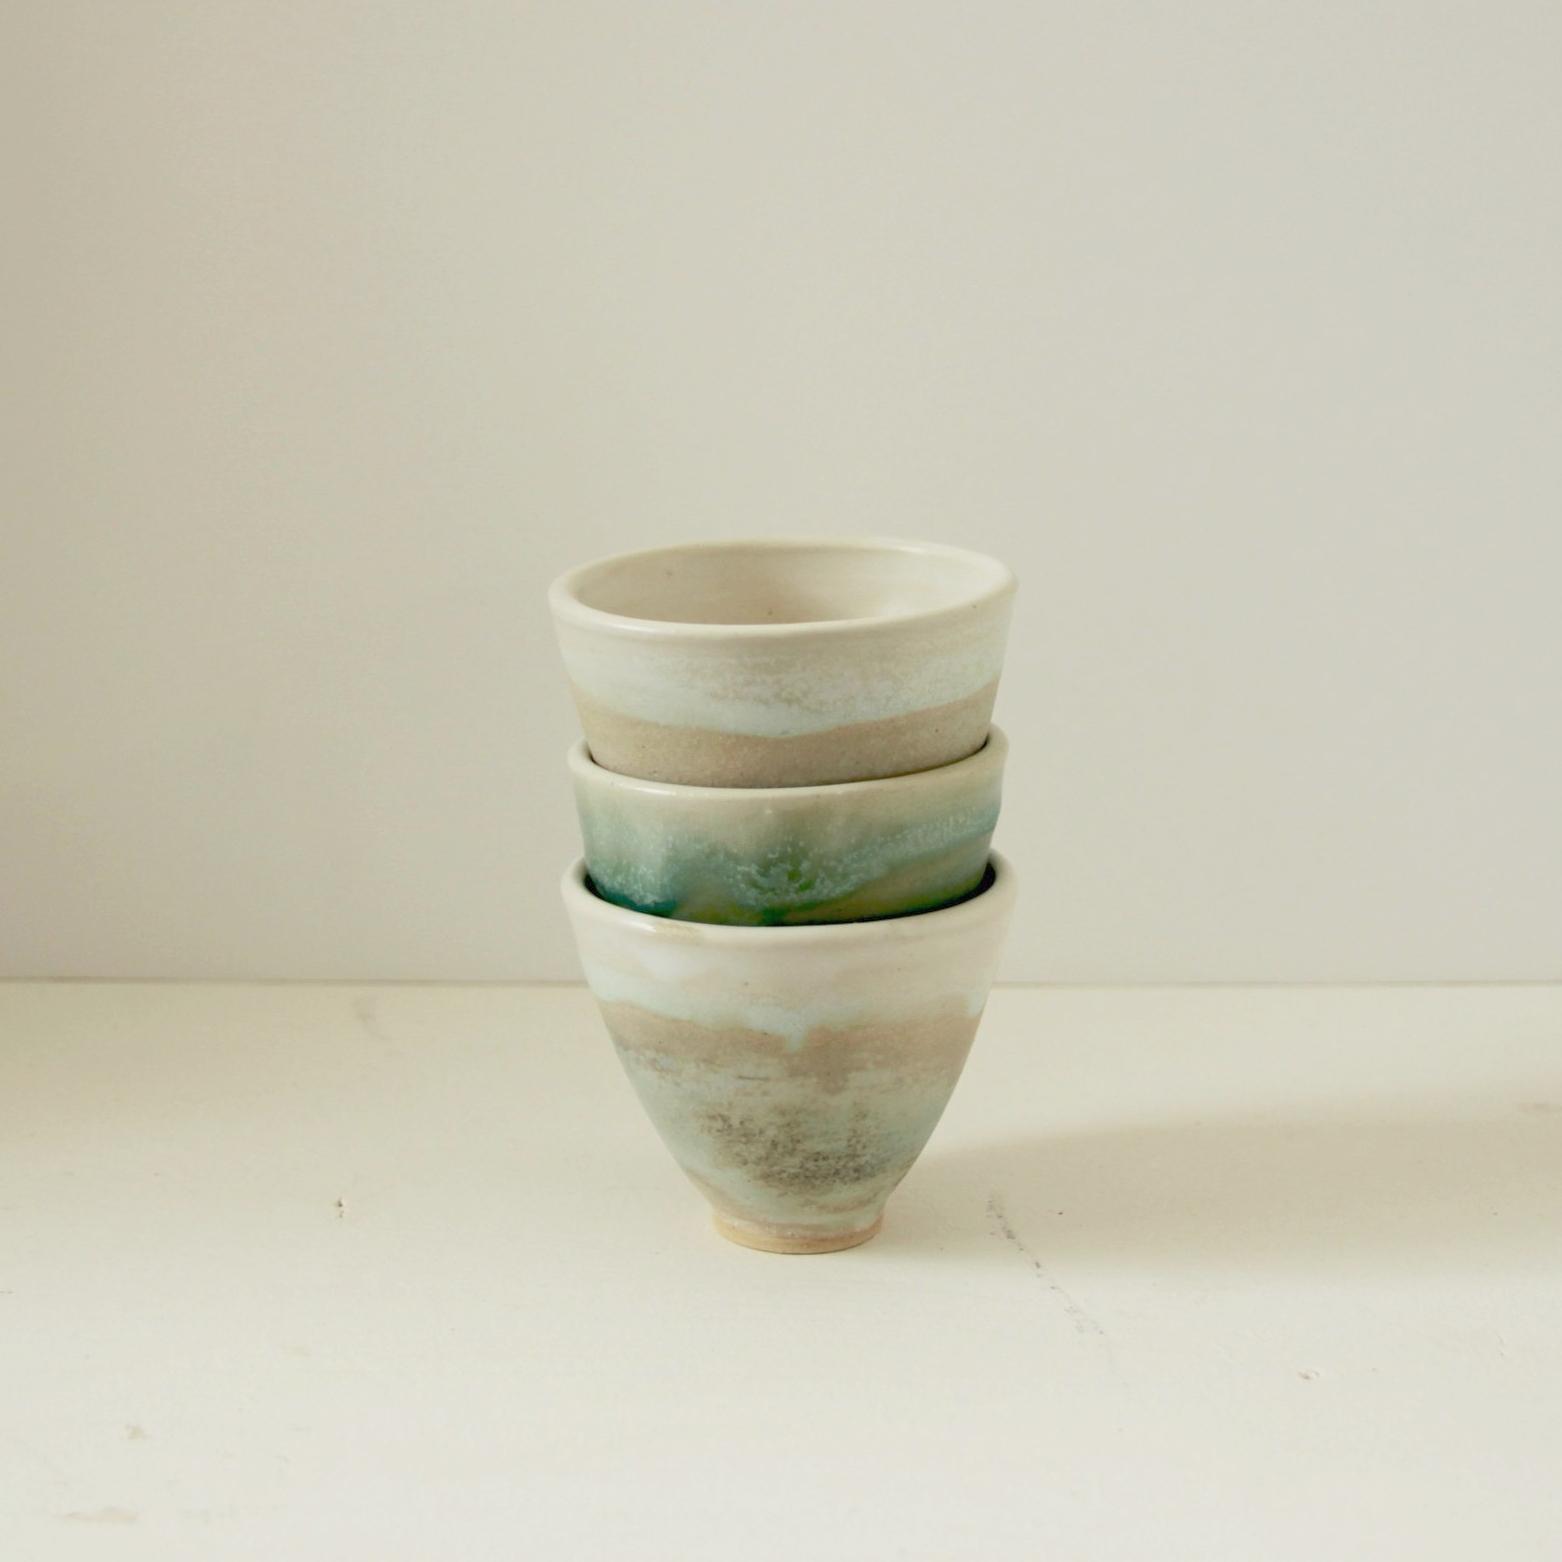 Lichens and vert d'eau express cups